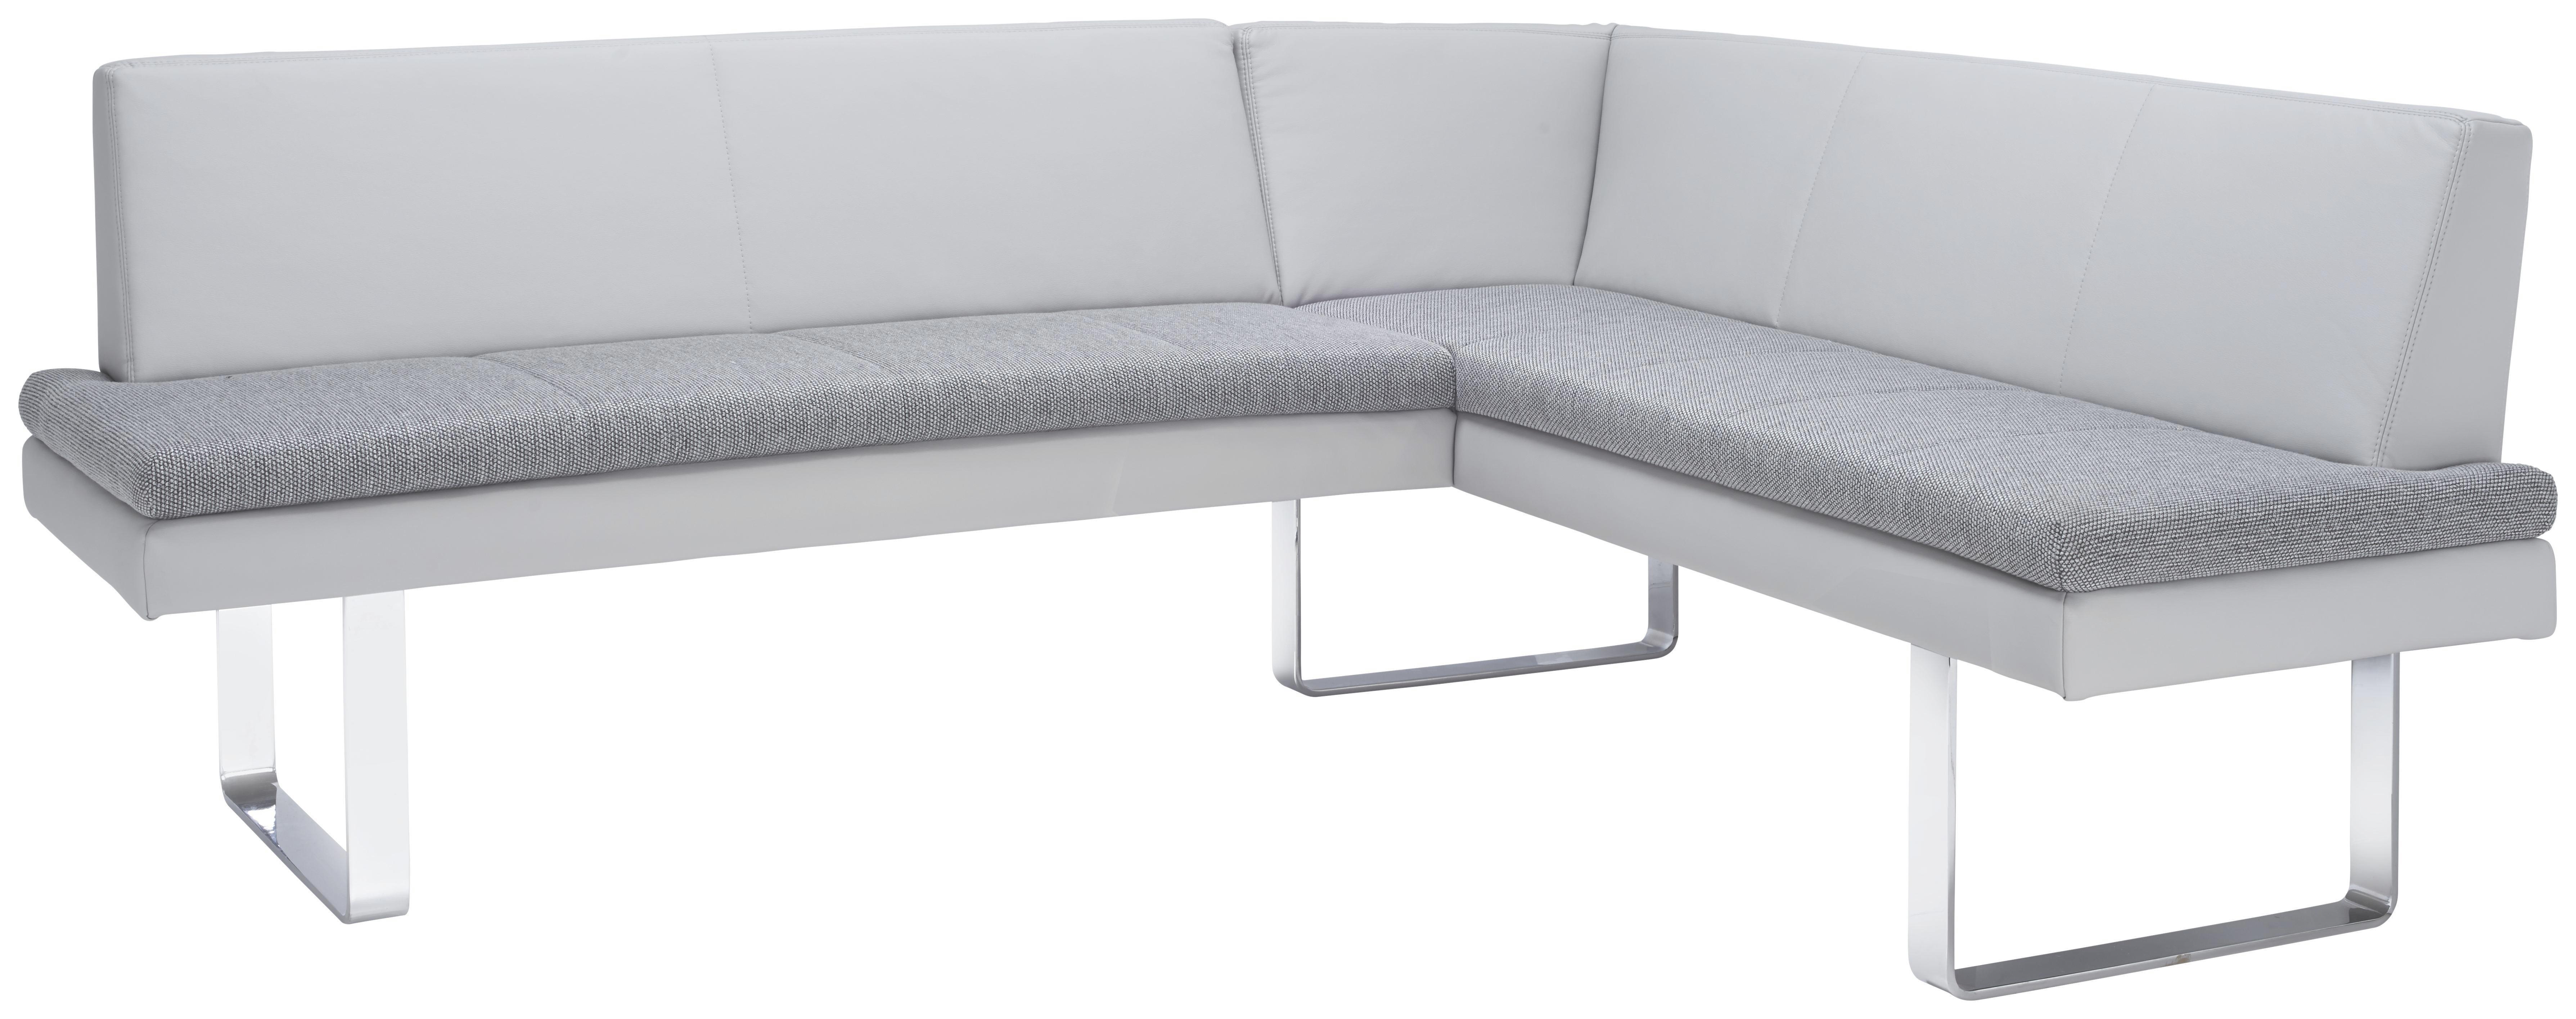 Superieur Eckbank In Grau   Chromfarben/Grau, MODERN, Textil/Metall (208/